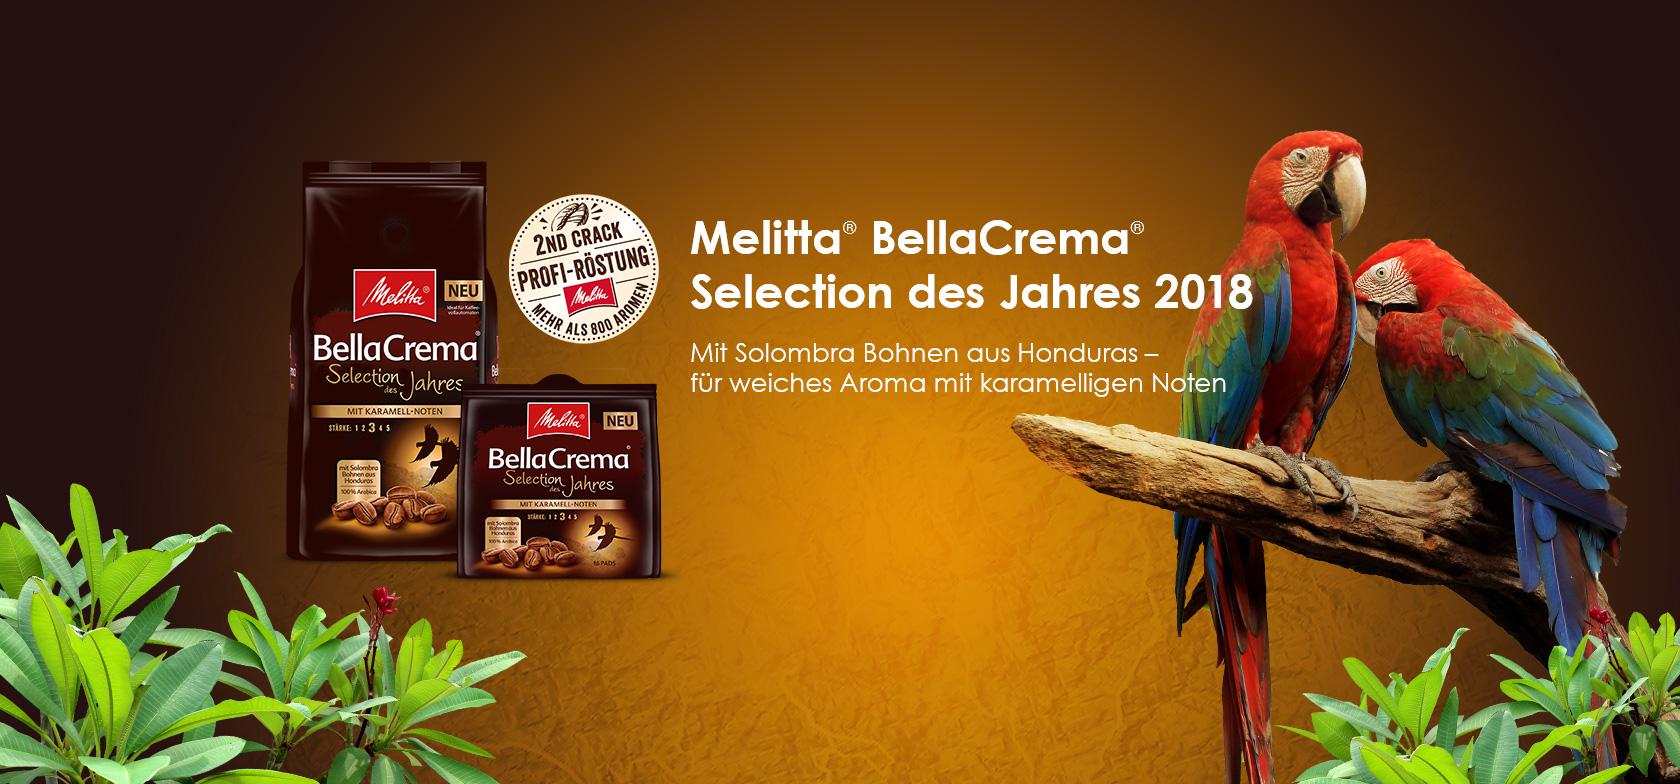 Melitta Selection des Jahres 2017